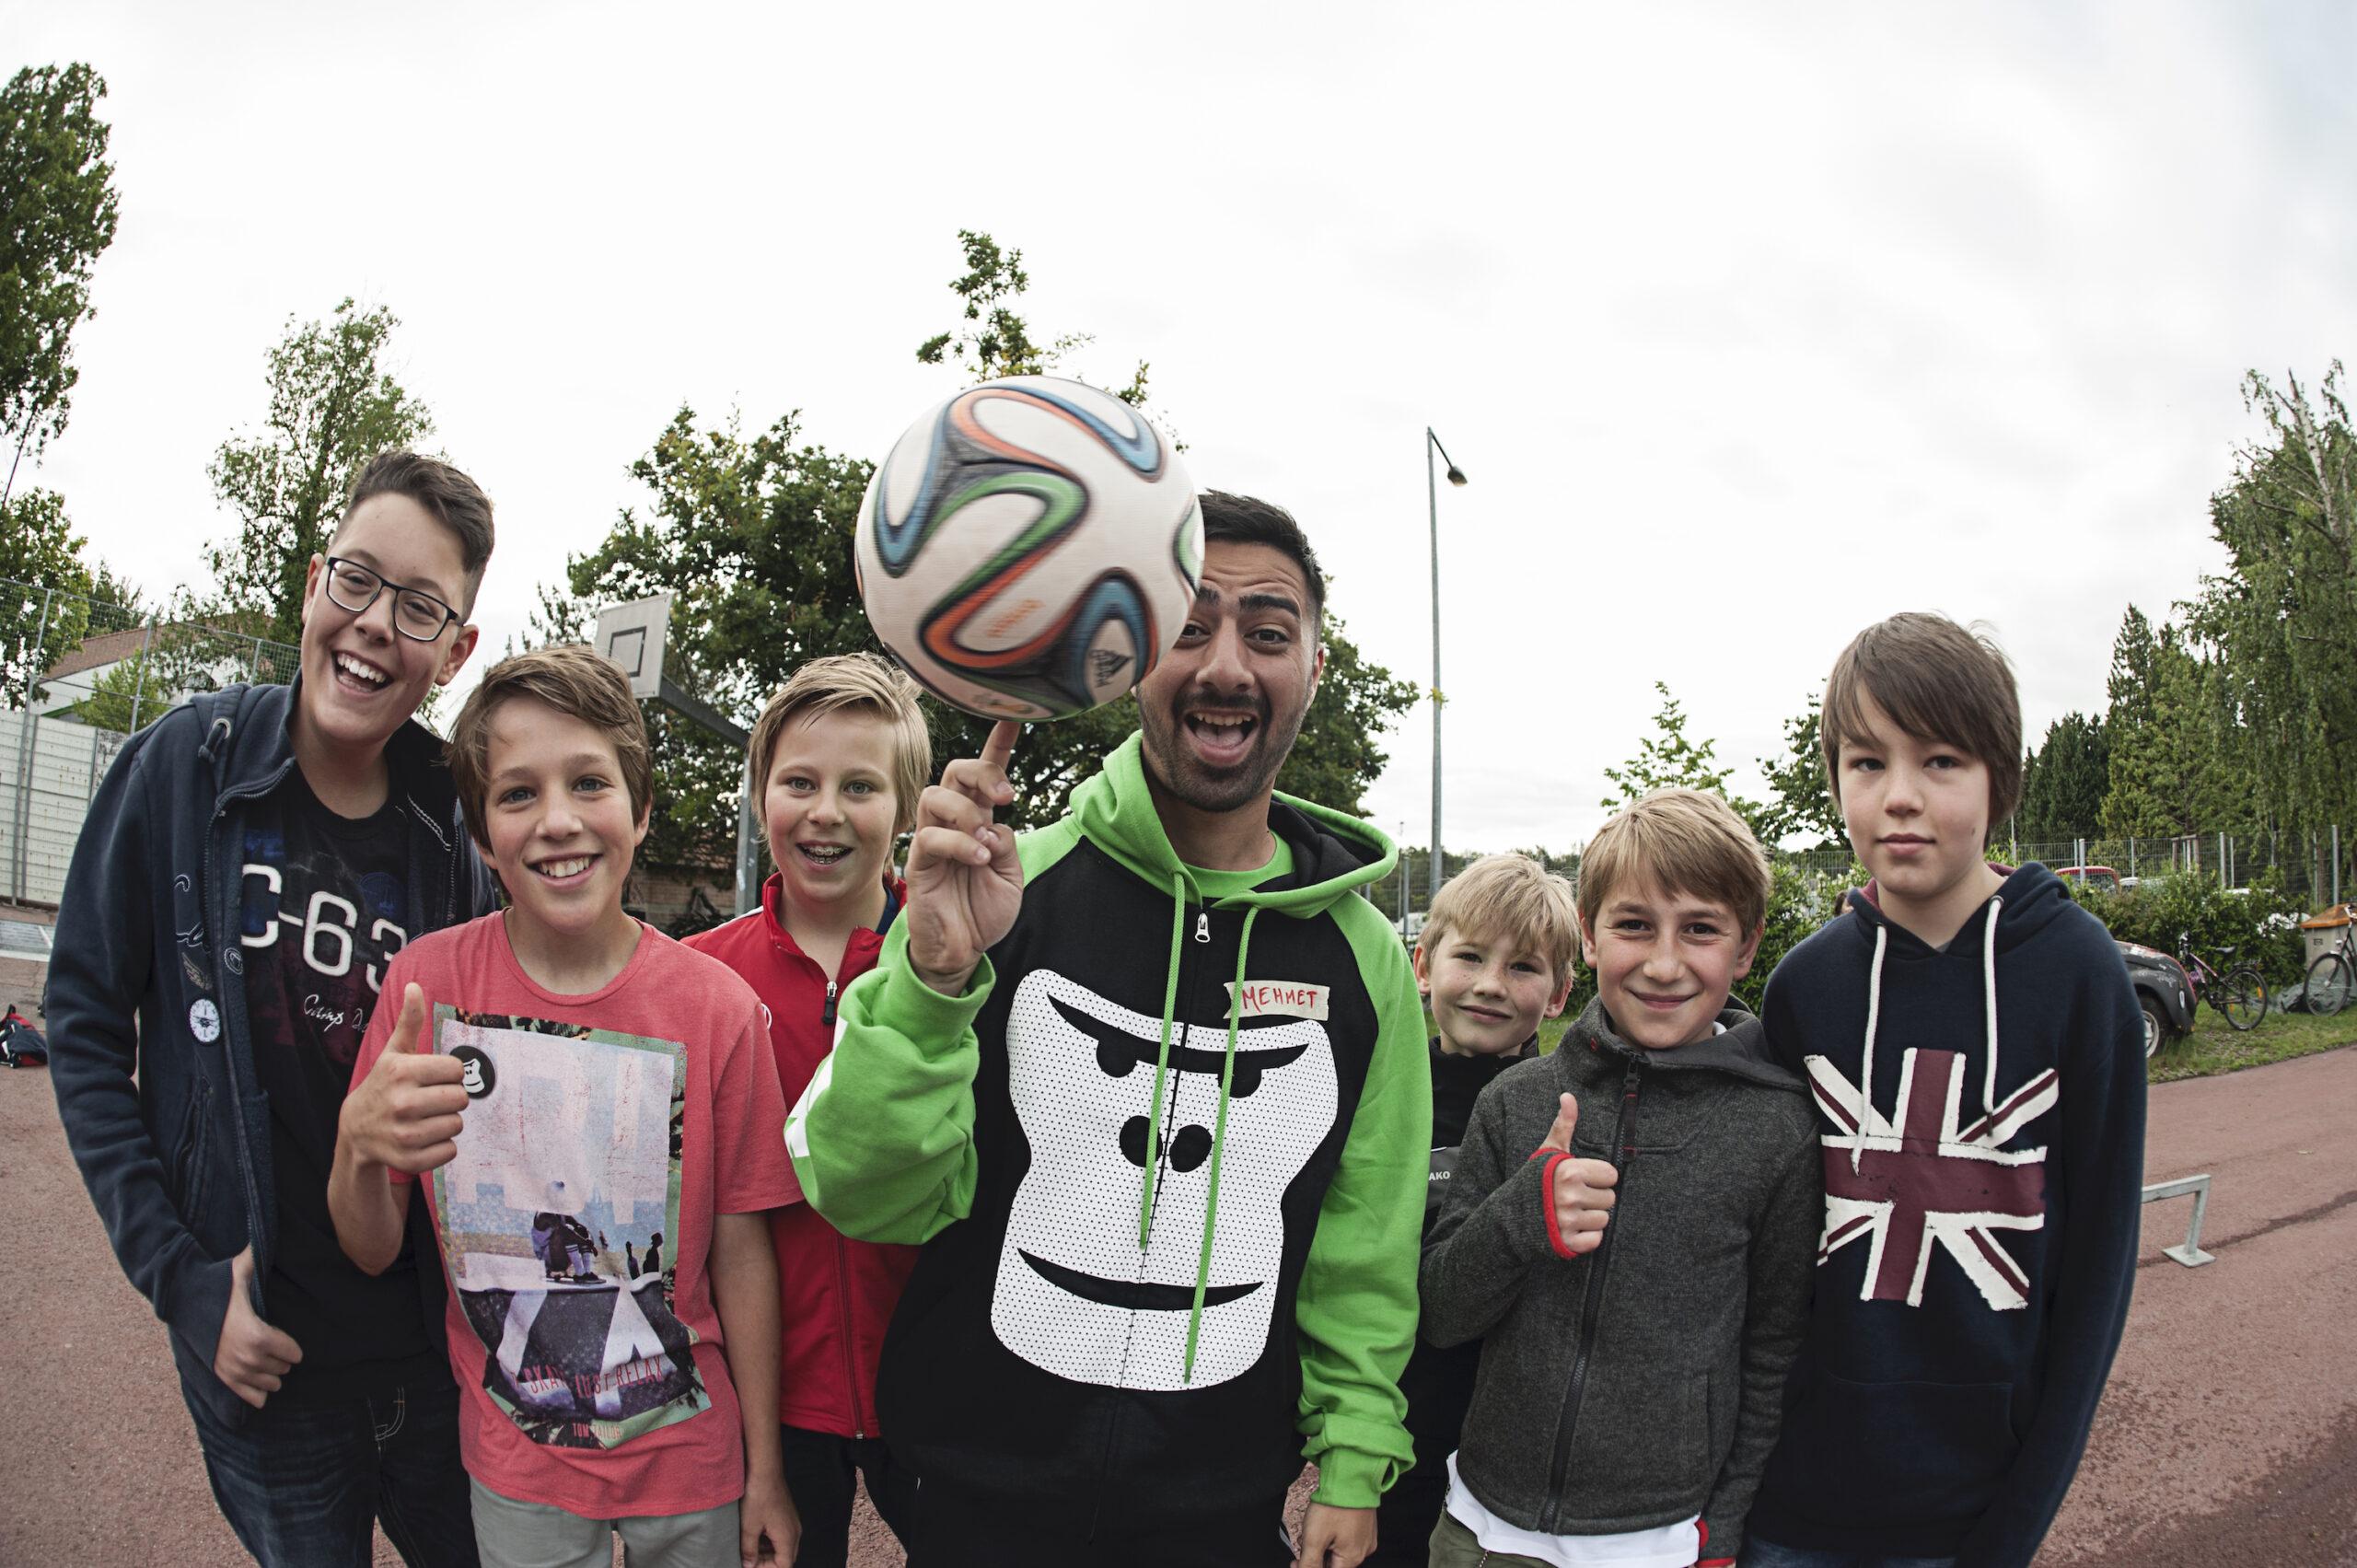 Eine Gruppe von Kids mit einem GORILLA Botschafter der einen Fußball auf dem Finger jongliert.